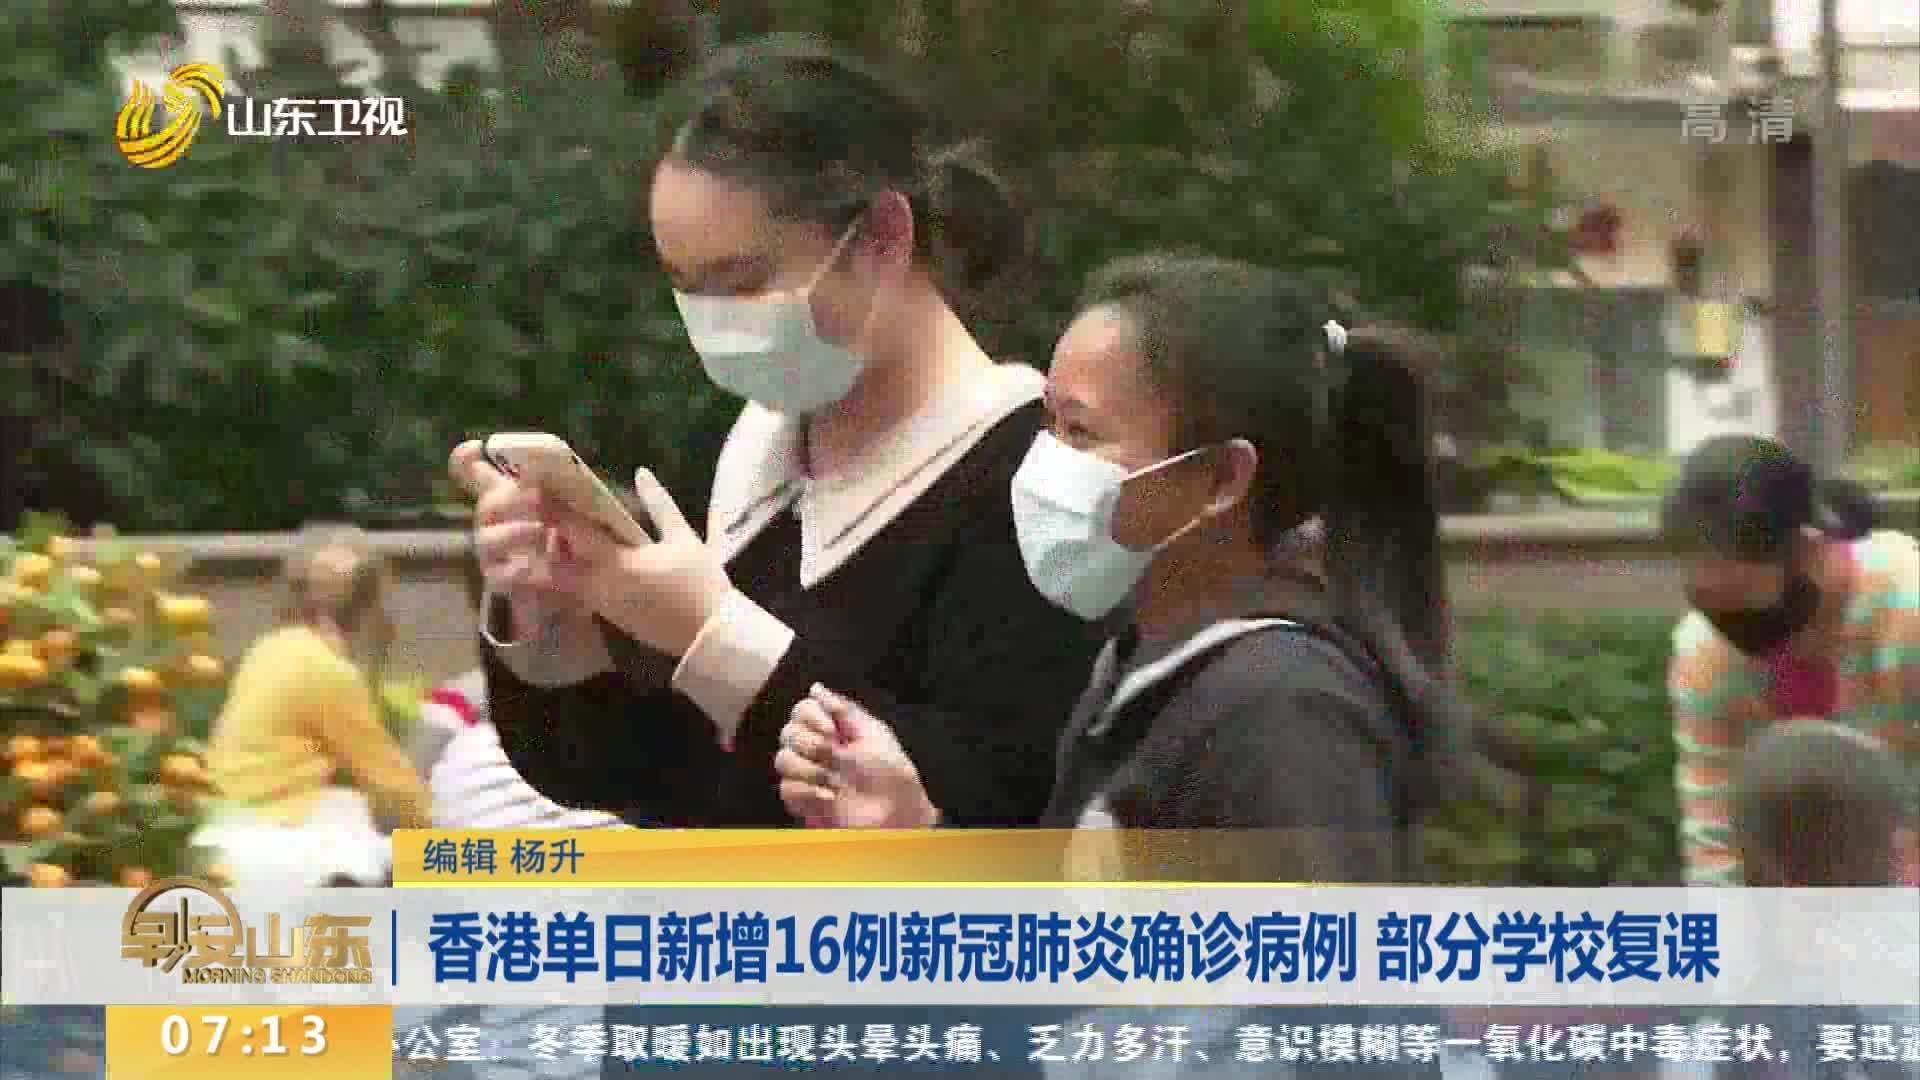 香港单日新增16例新冠肺炎确诊病例 部分学校复课